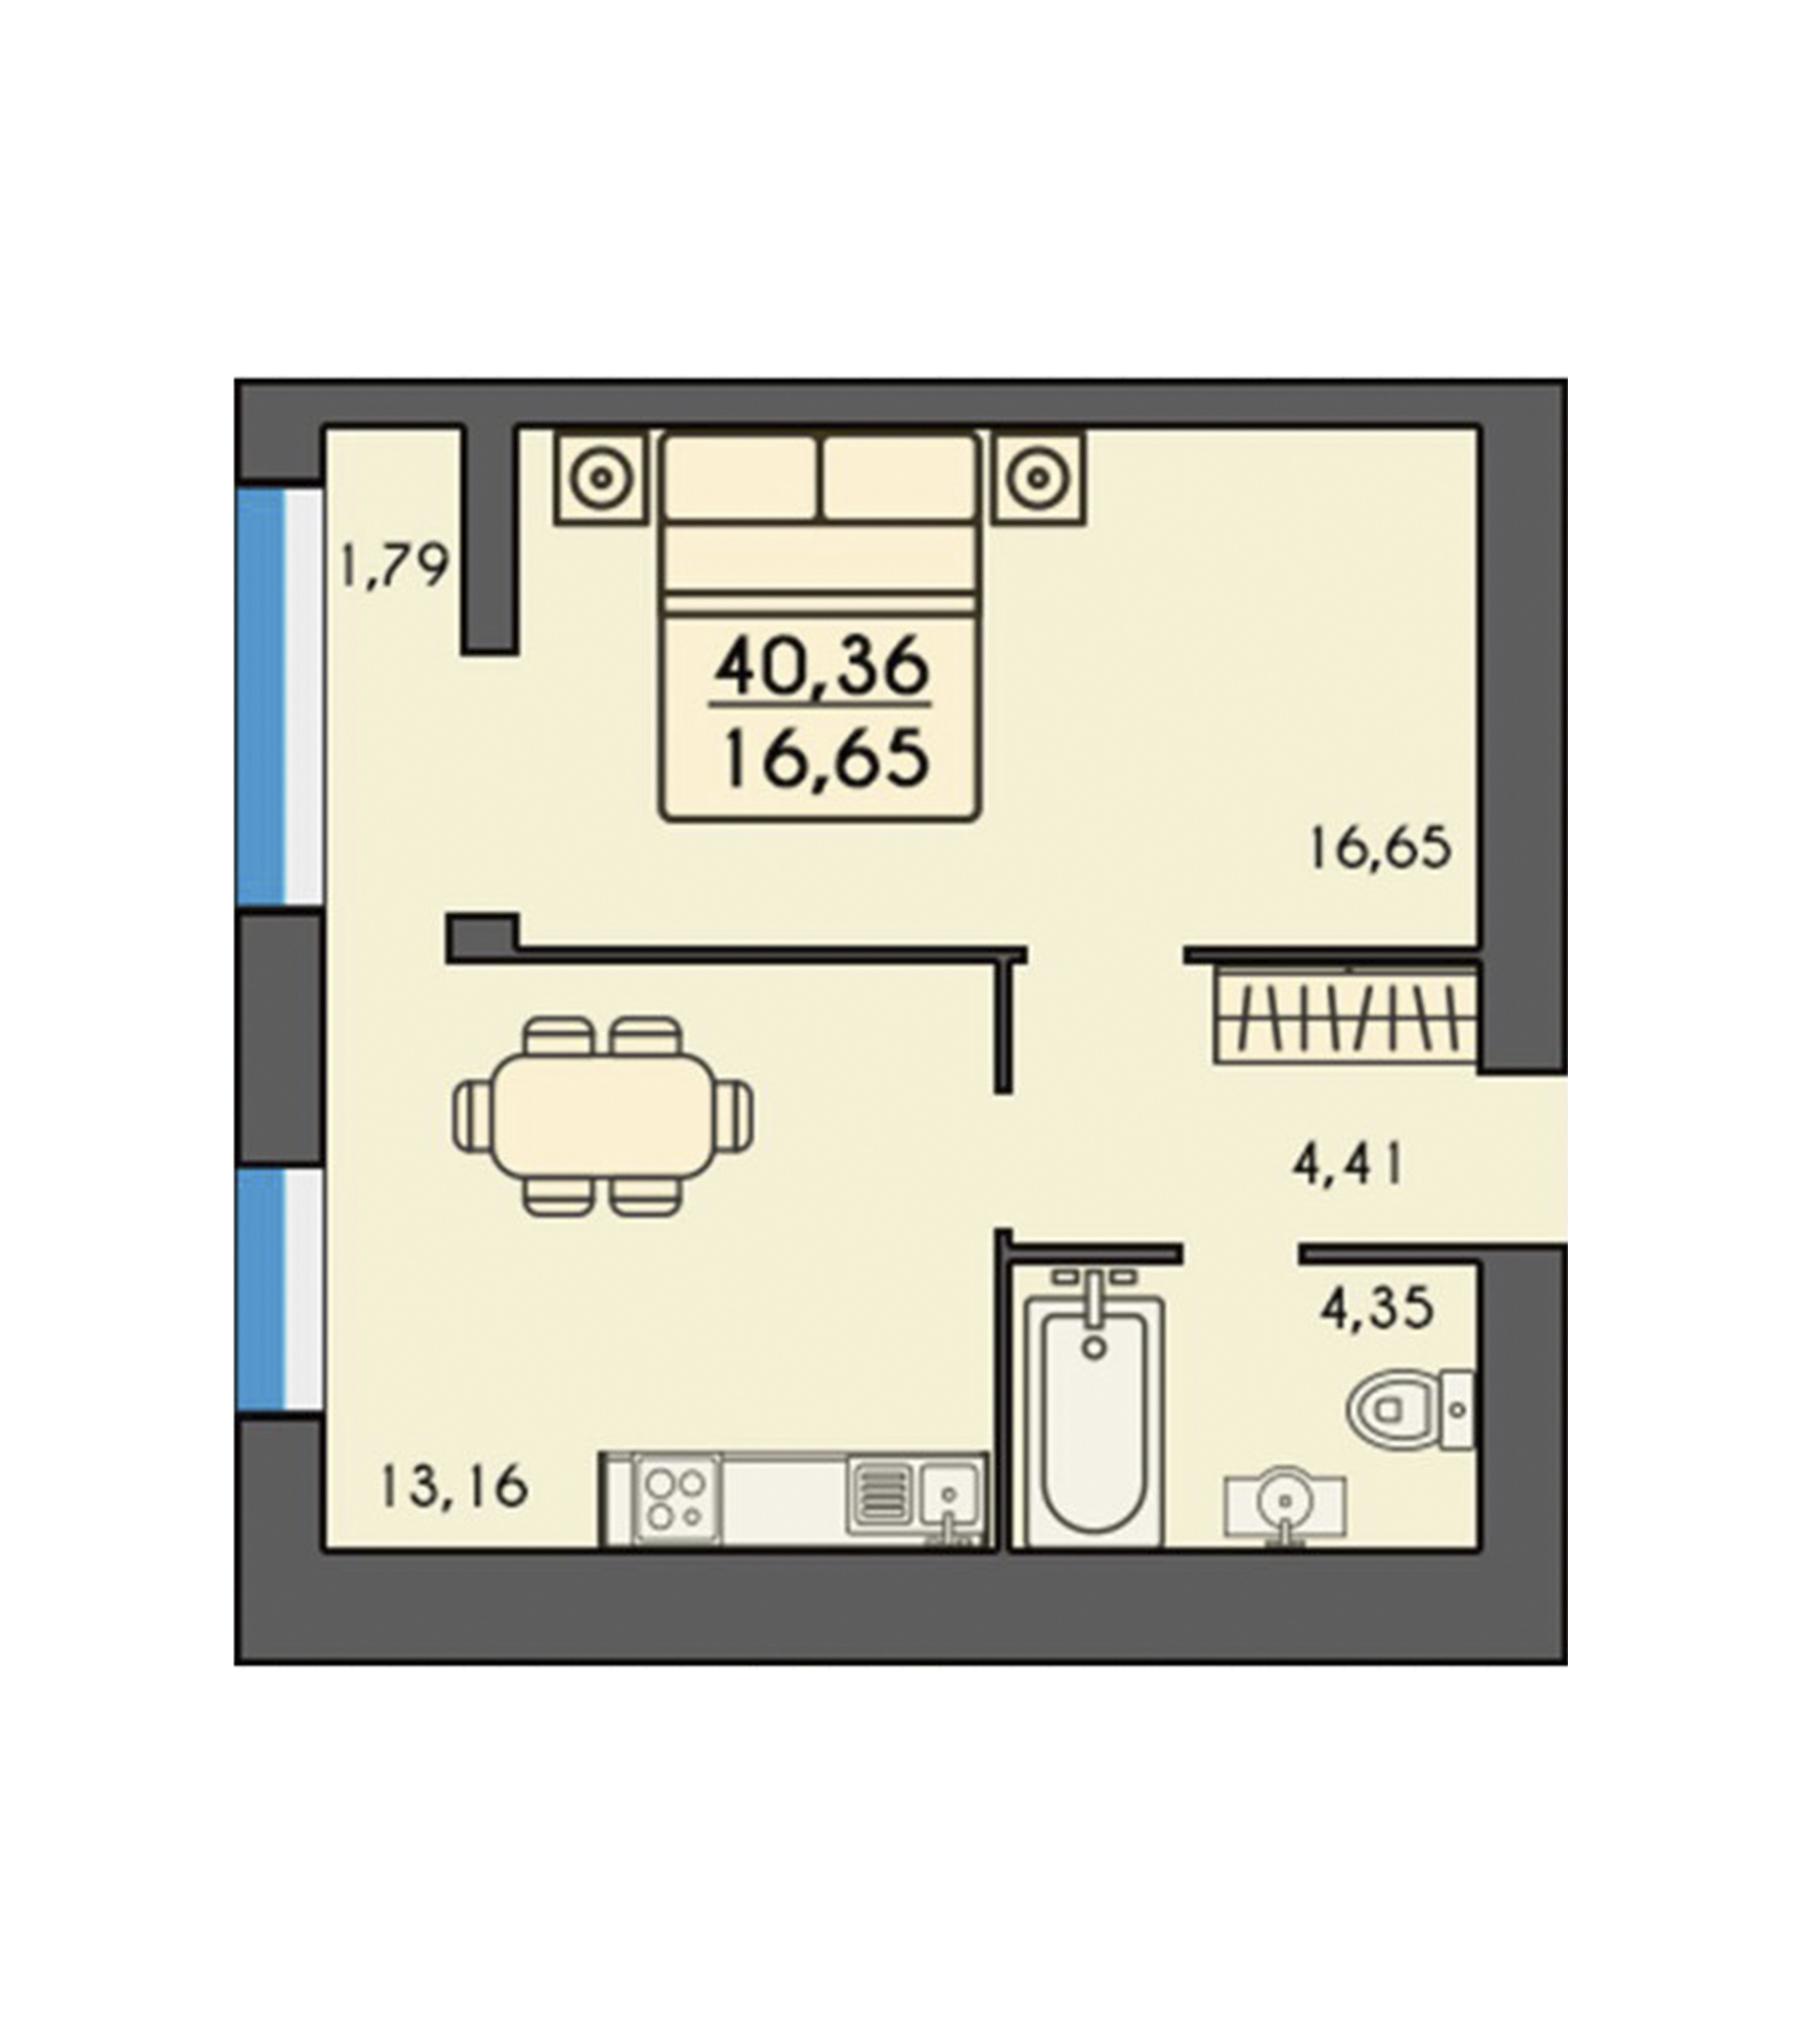 Однокімнатна квартира 40,36м2